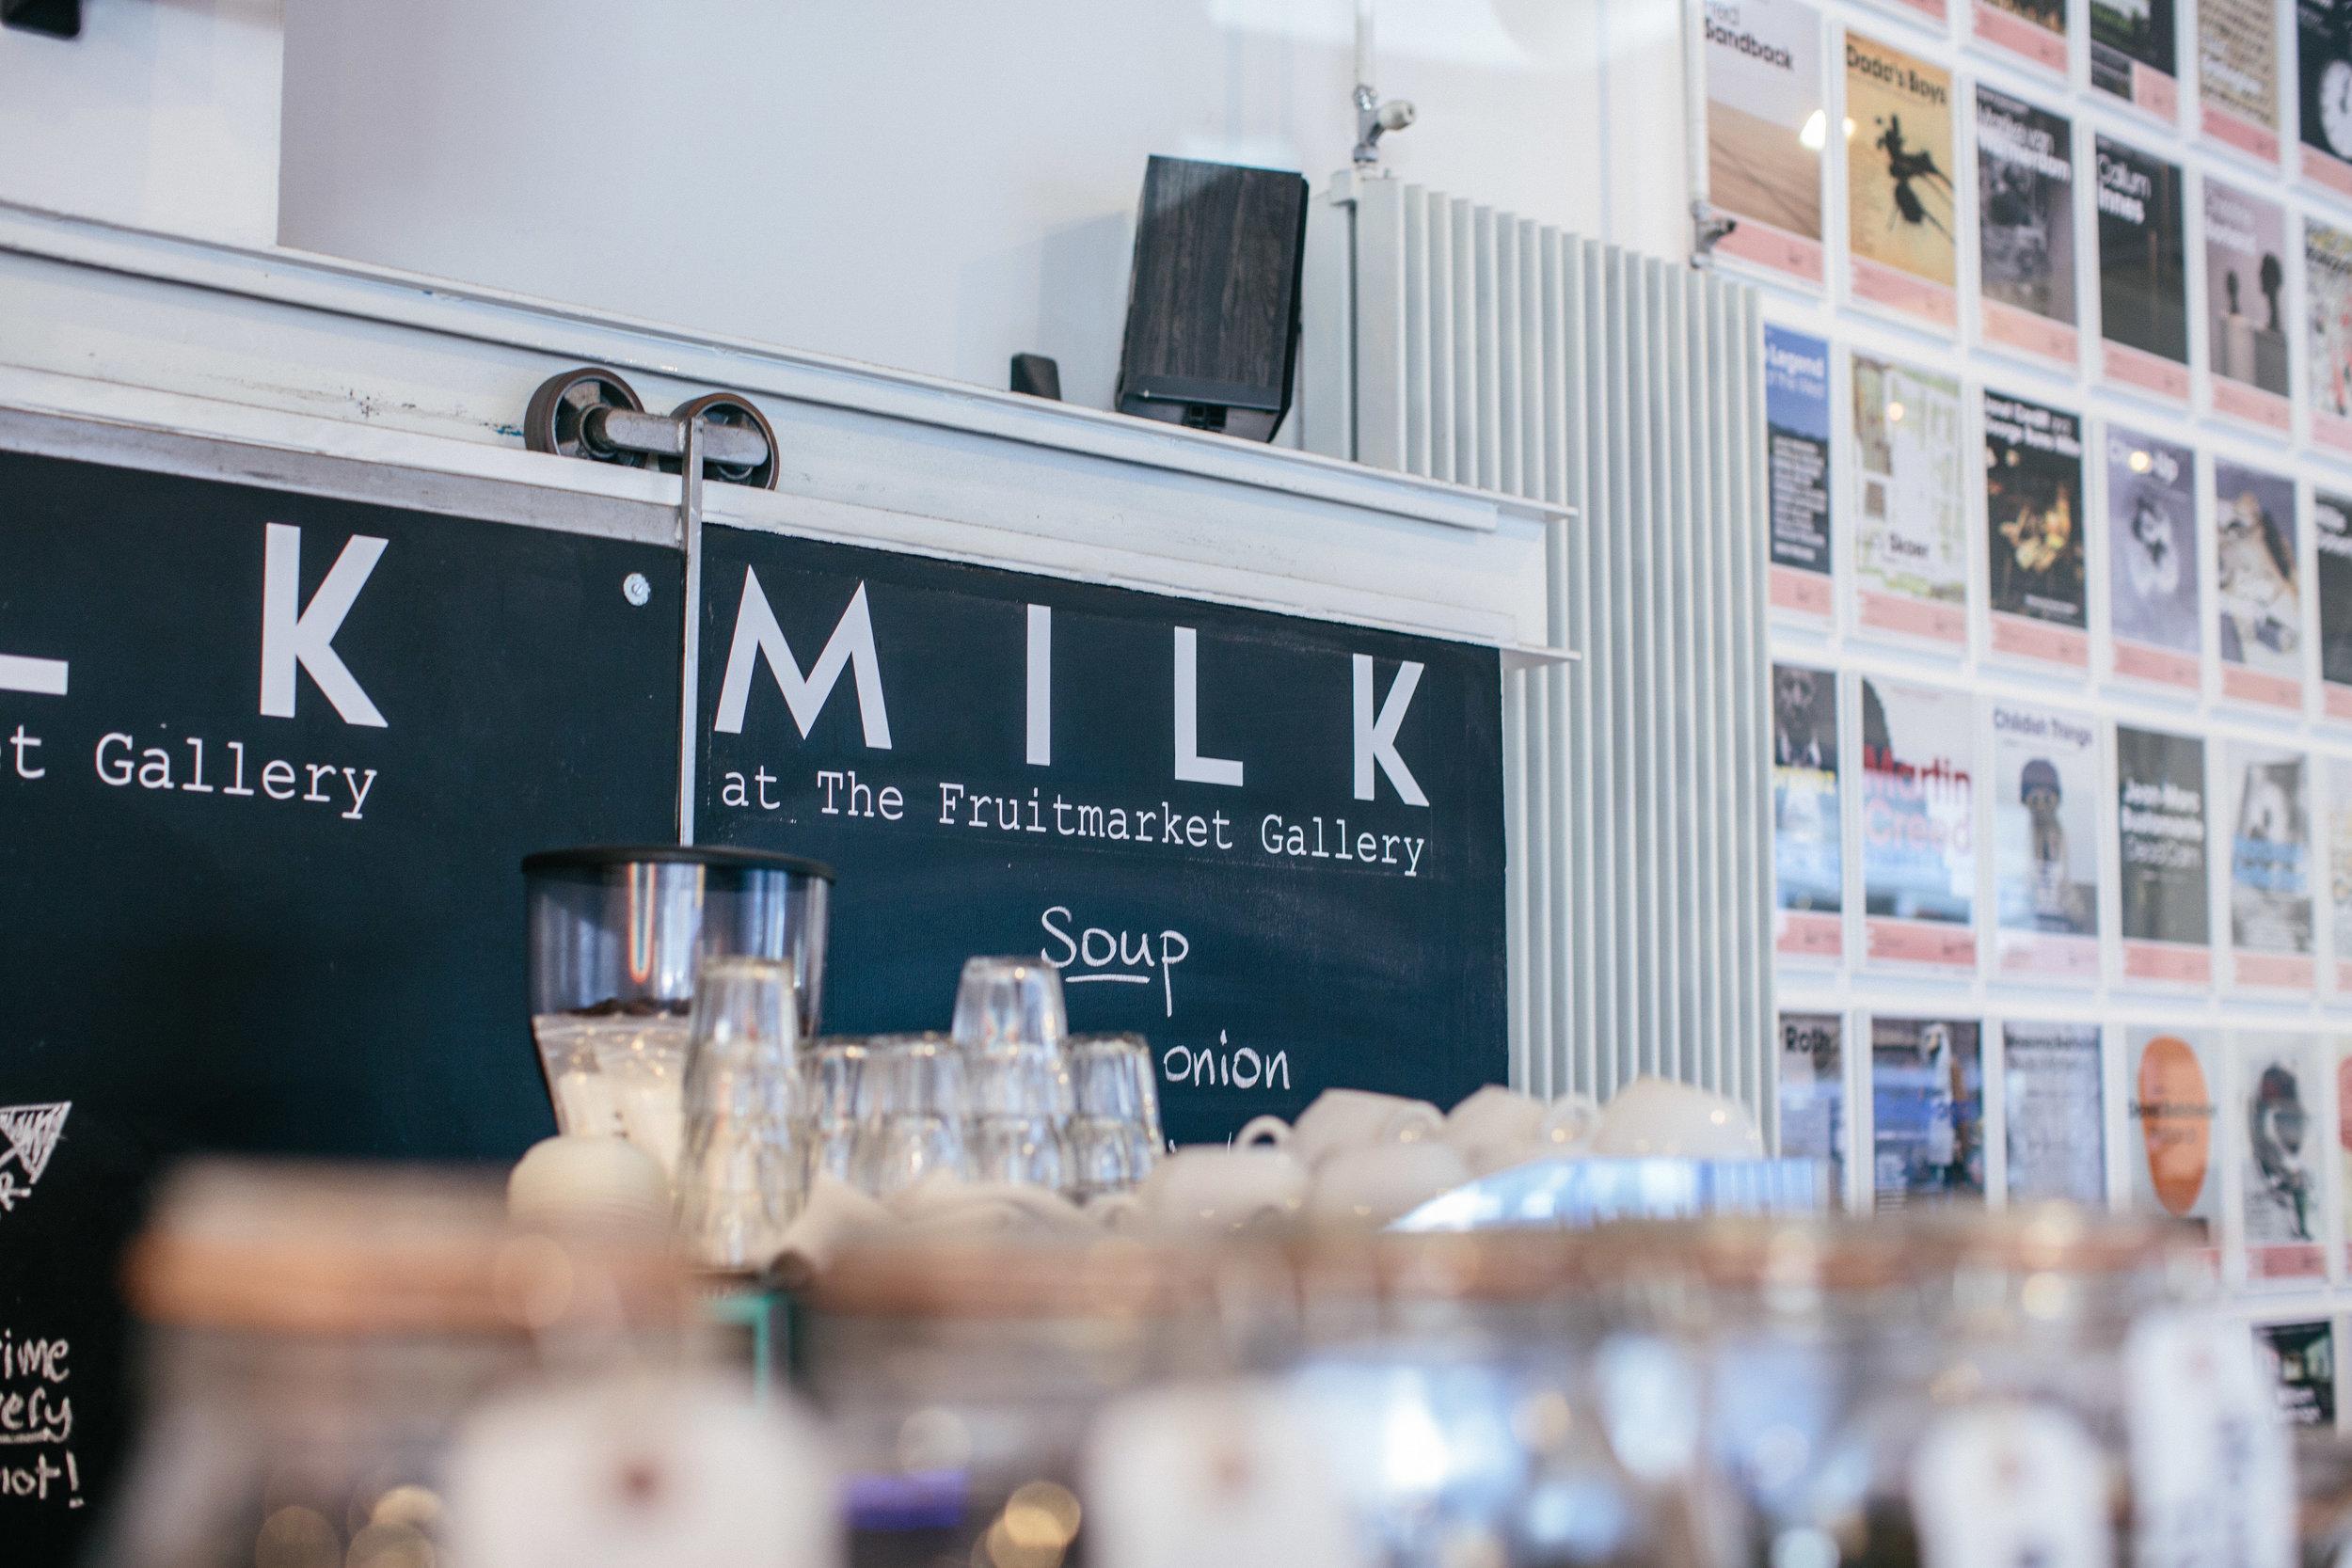 MilkatFruitmarket005.jpg